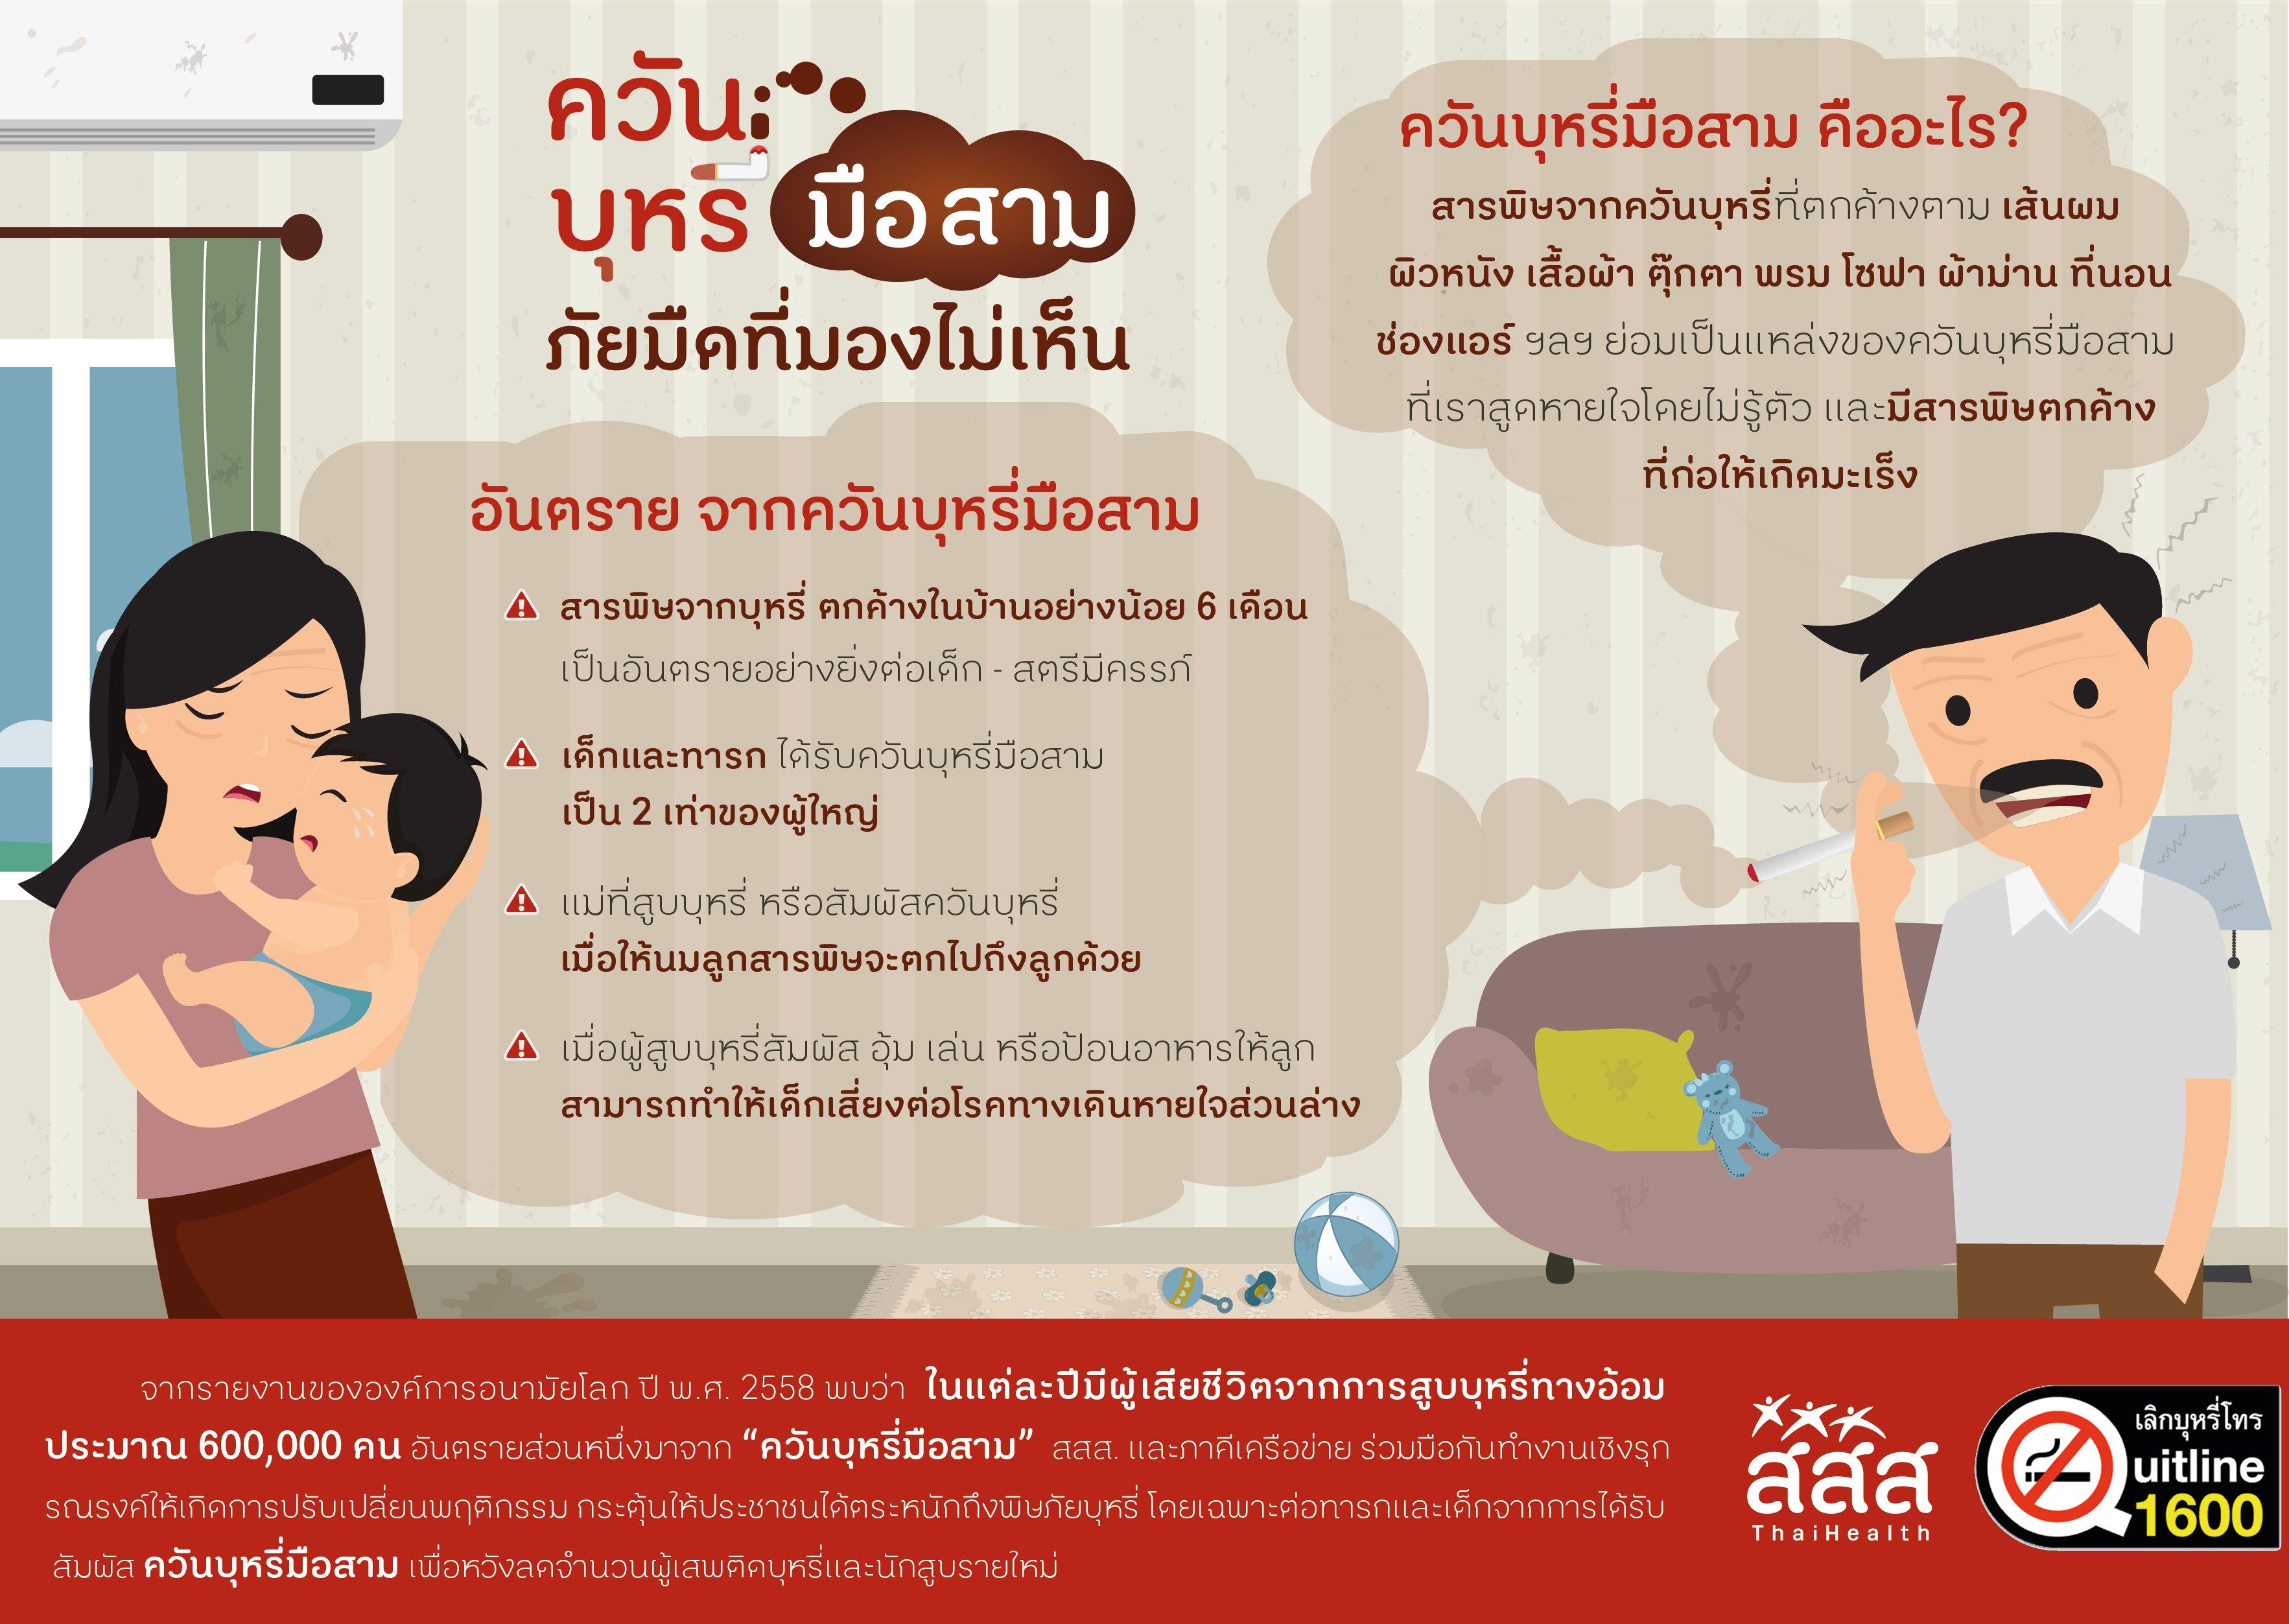 บุหรี่มือสาม ภัยมืดที่มองไม่เห็น thaihealth